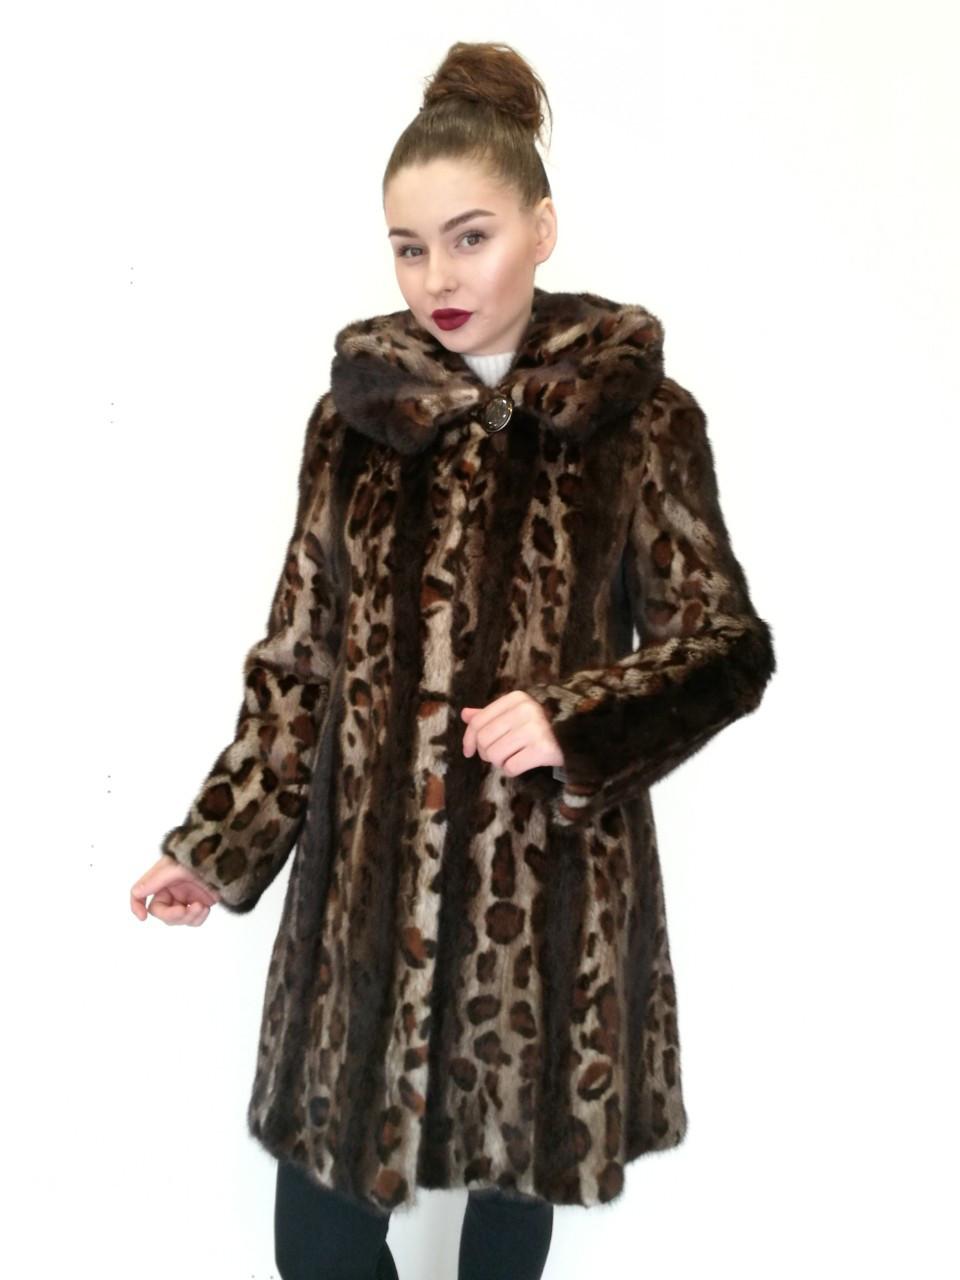 Шуба - манто женская удлиненная (норка) с капюшоном, цельнокроеная / mink coat 428